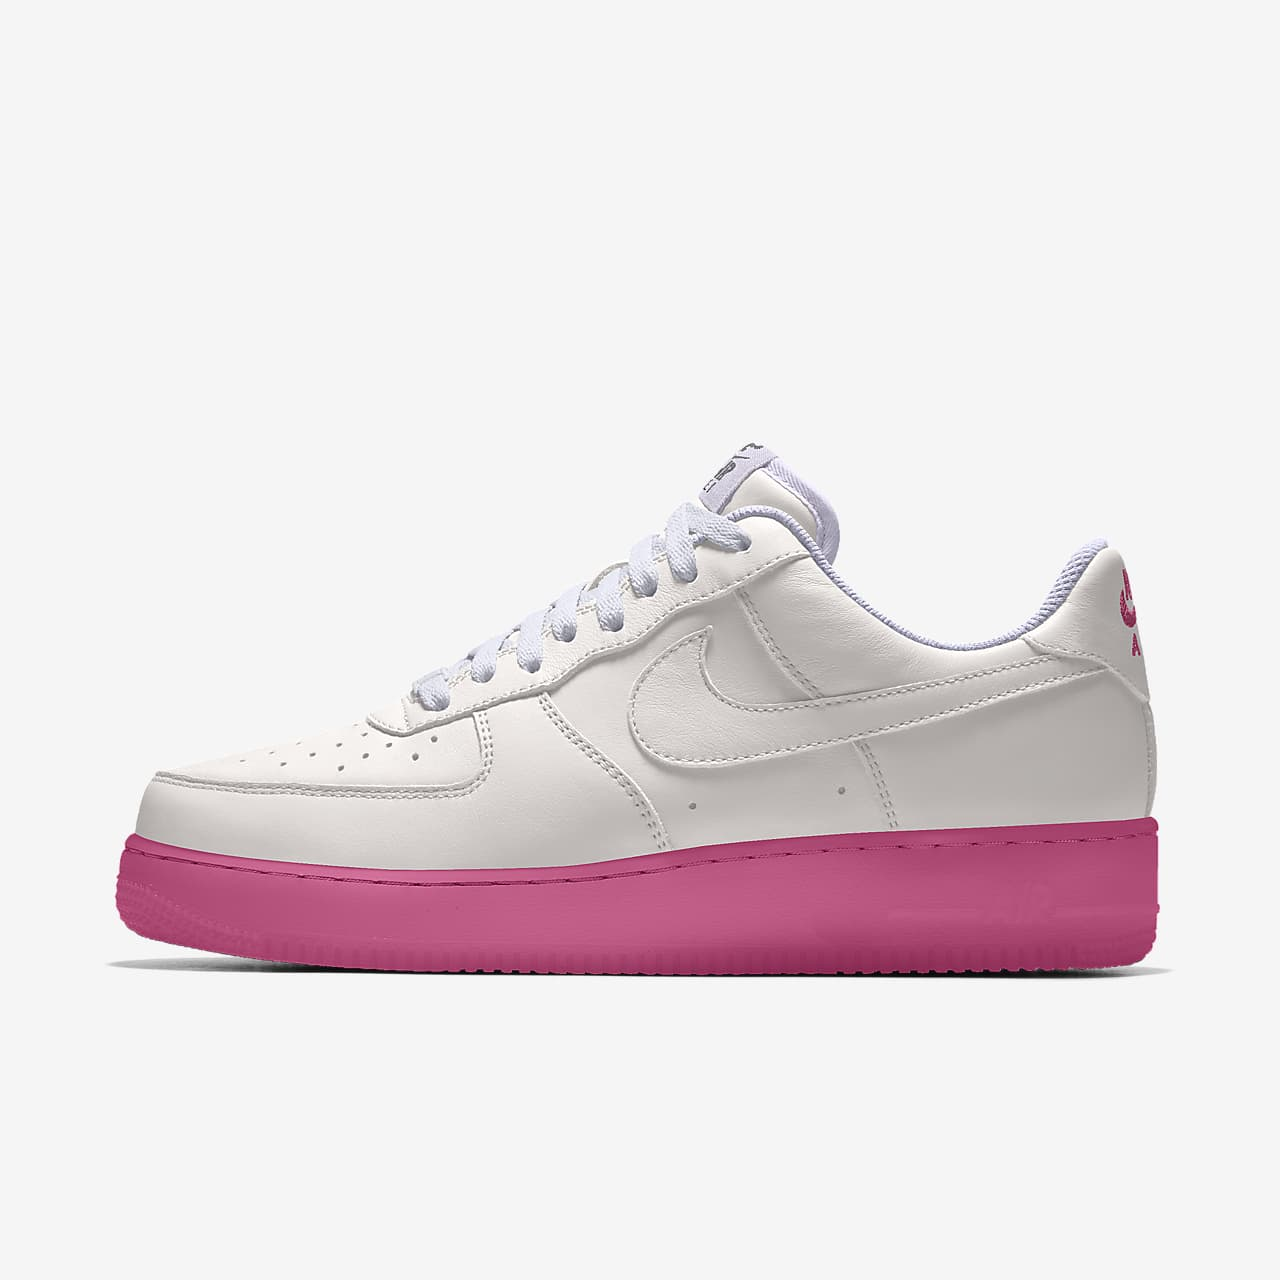 Εξατομικευμένο παπούτσι Nike Air Force 1 Low By You